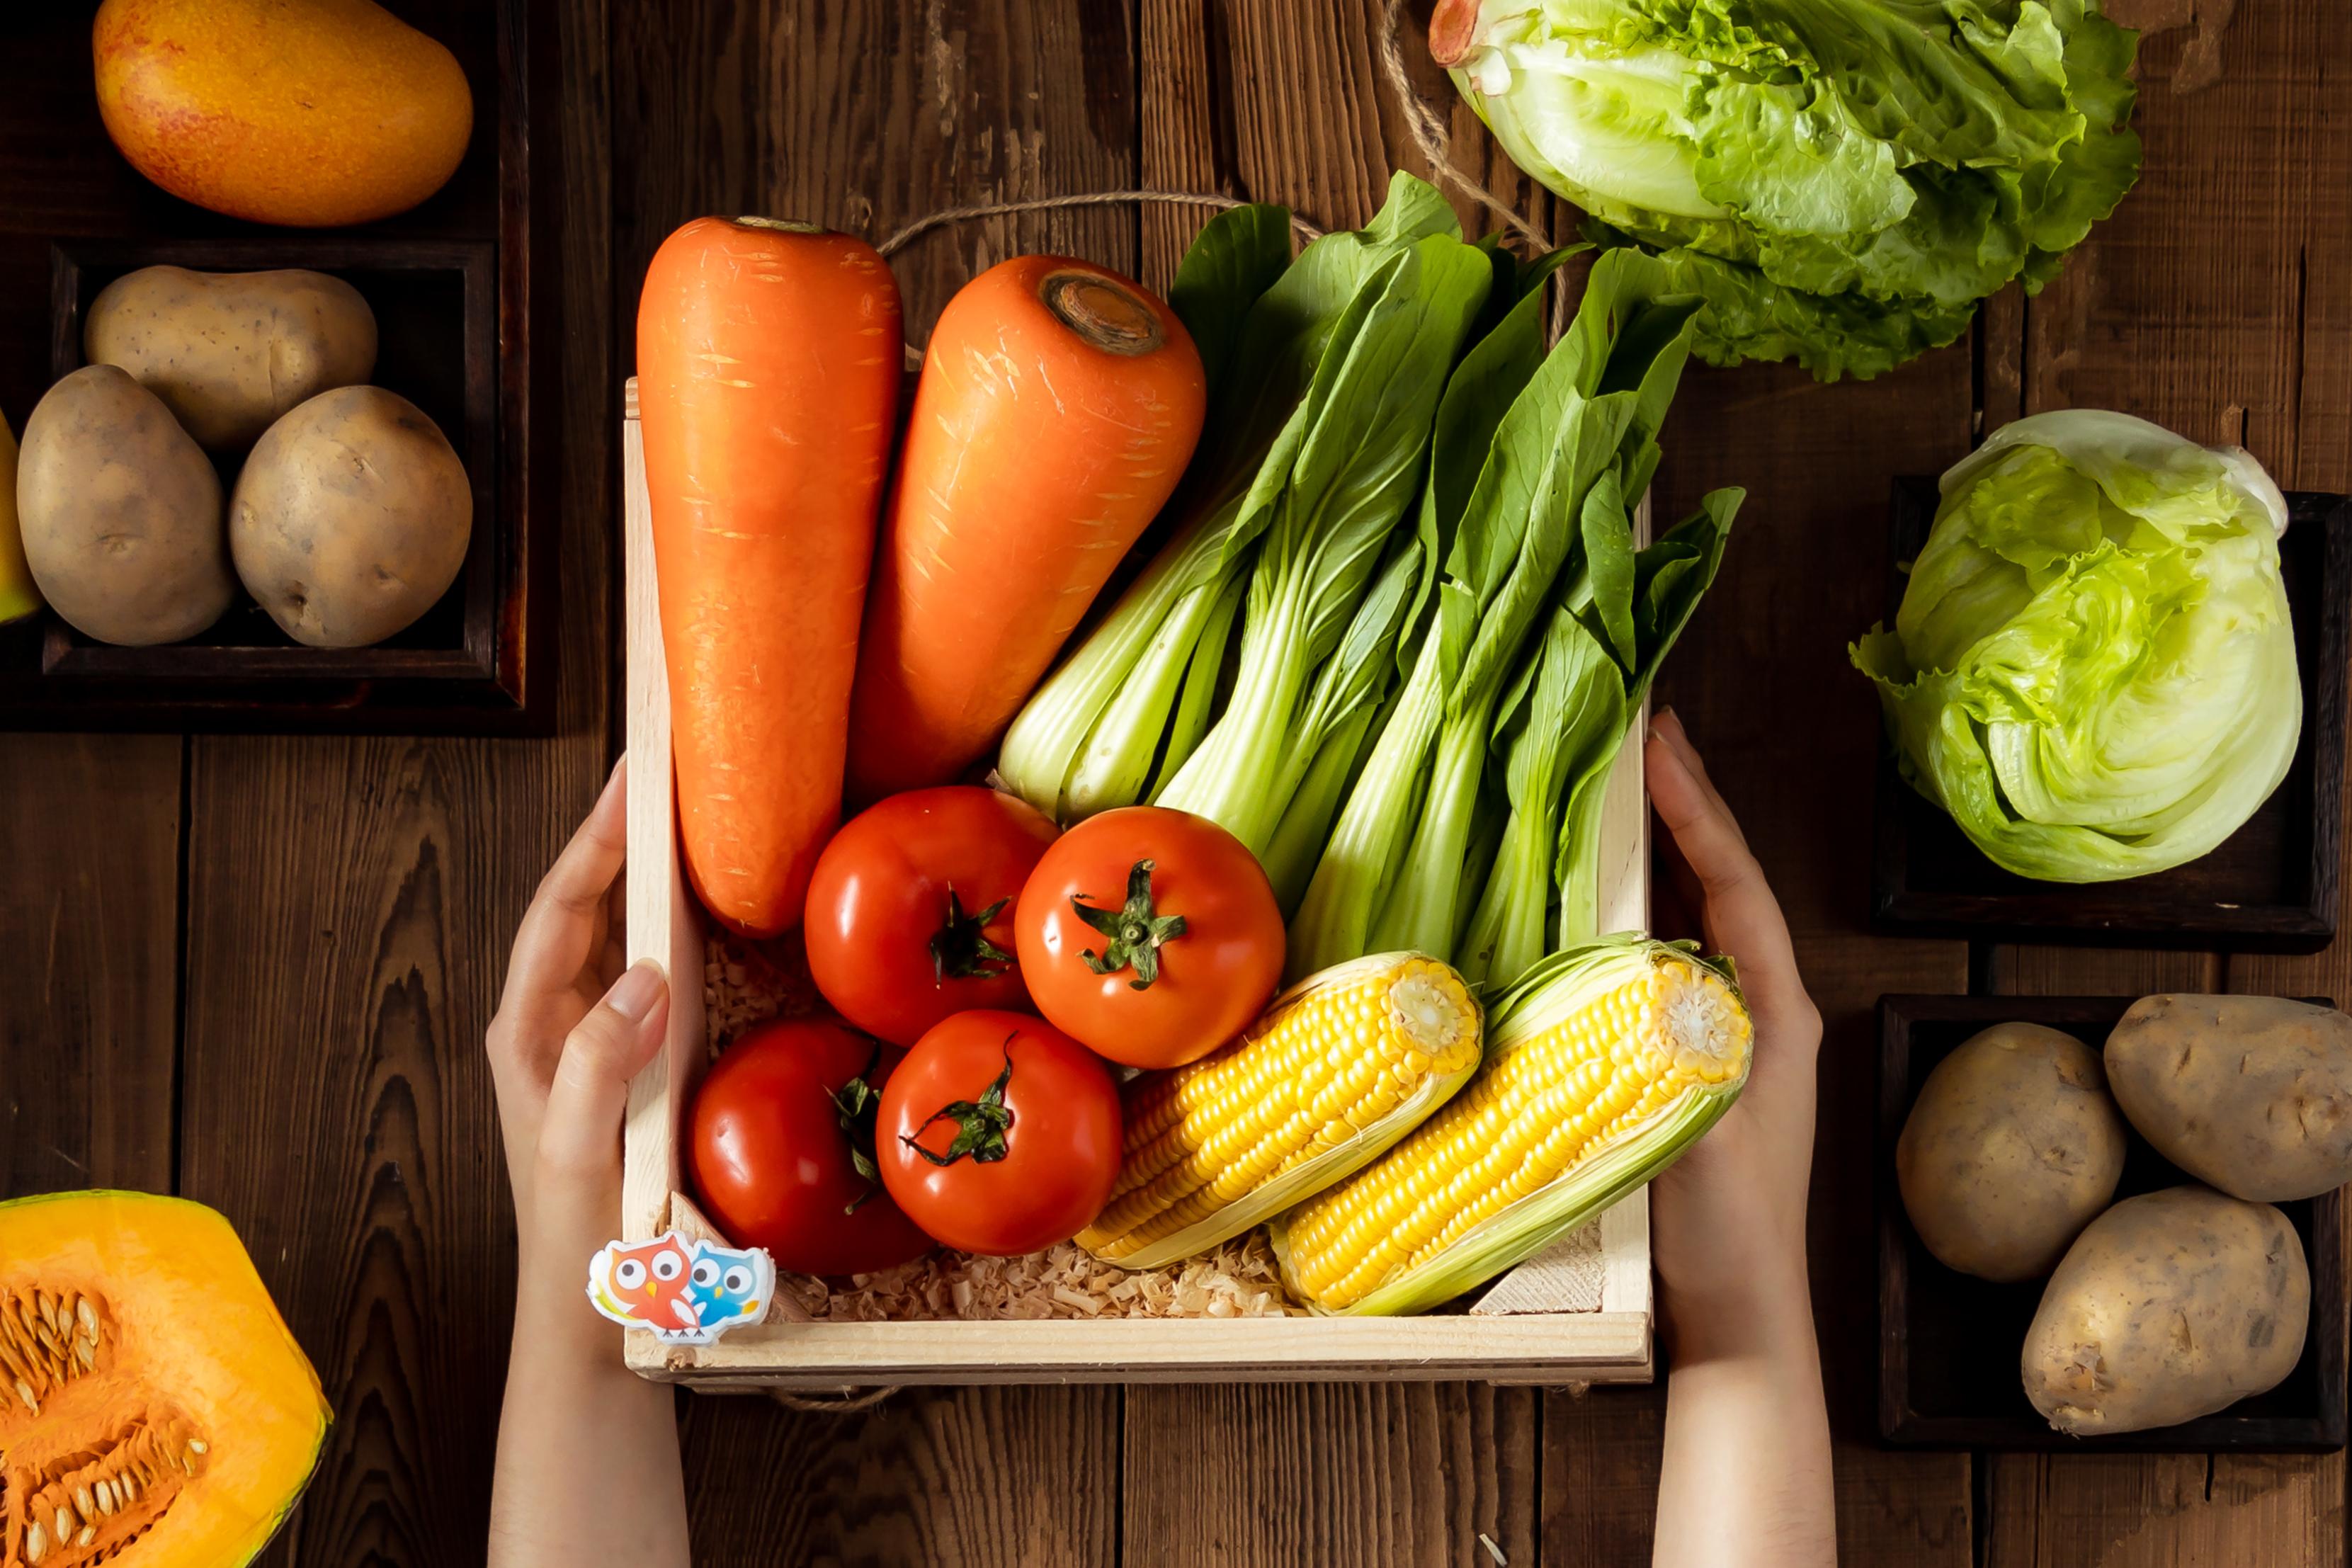 【圖一】本土疫情升溫帶動搶購潮,奧丁丁市集推出防疫專區,逾百項食材提供民眾居家安心防疫